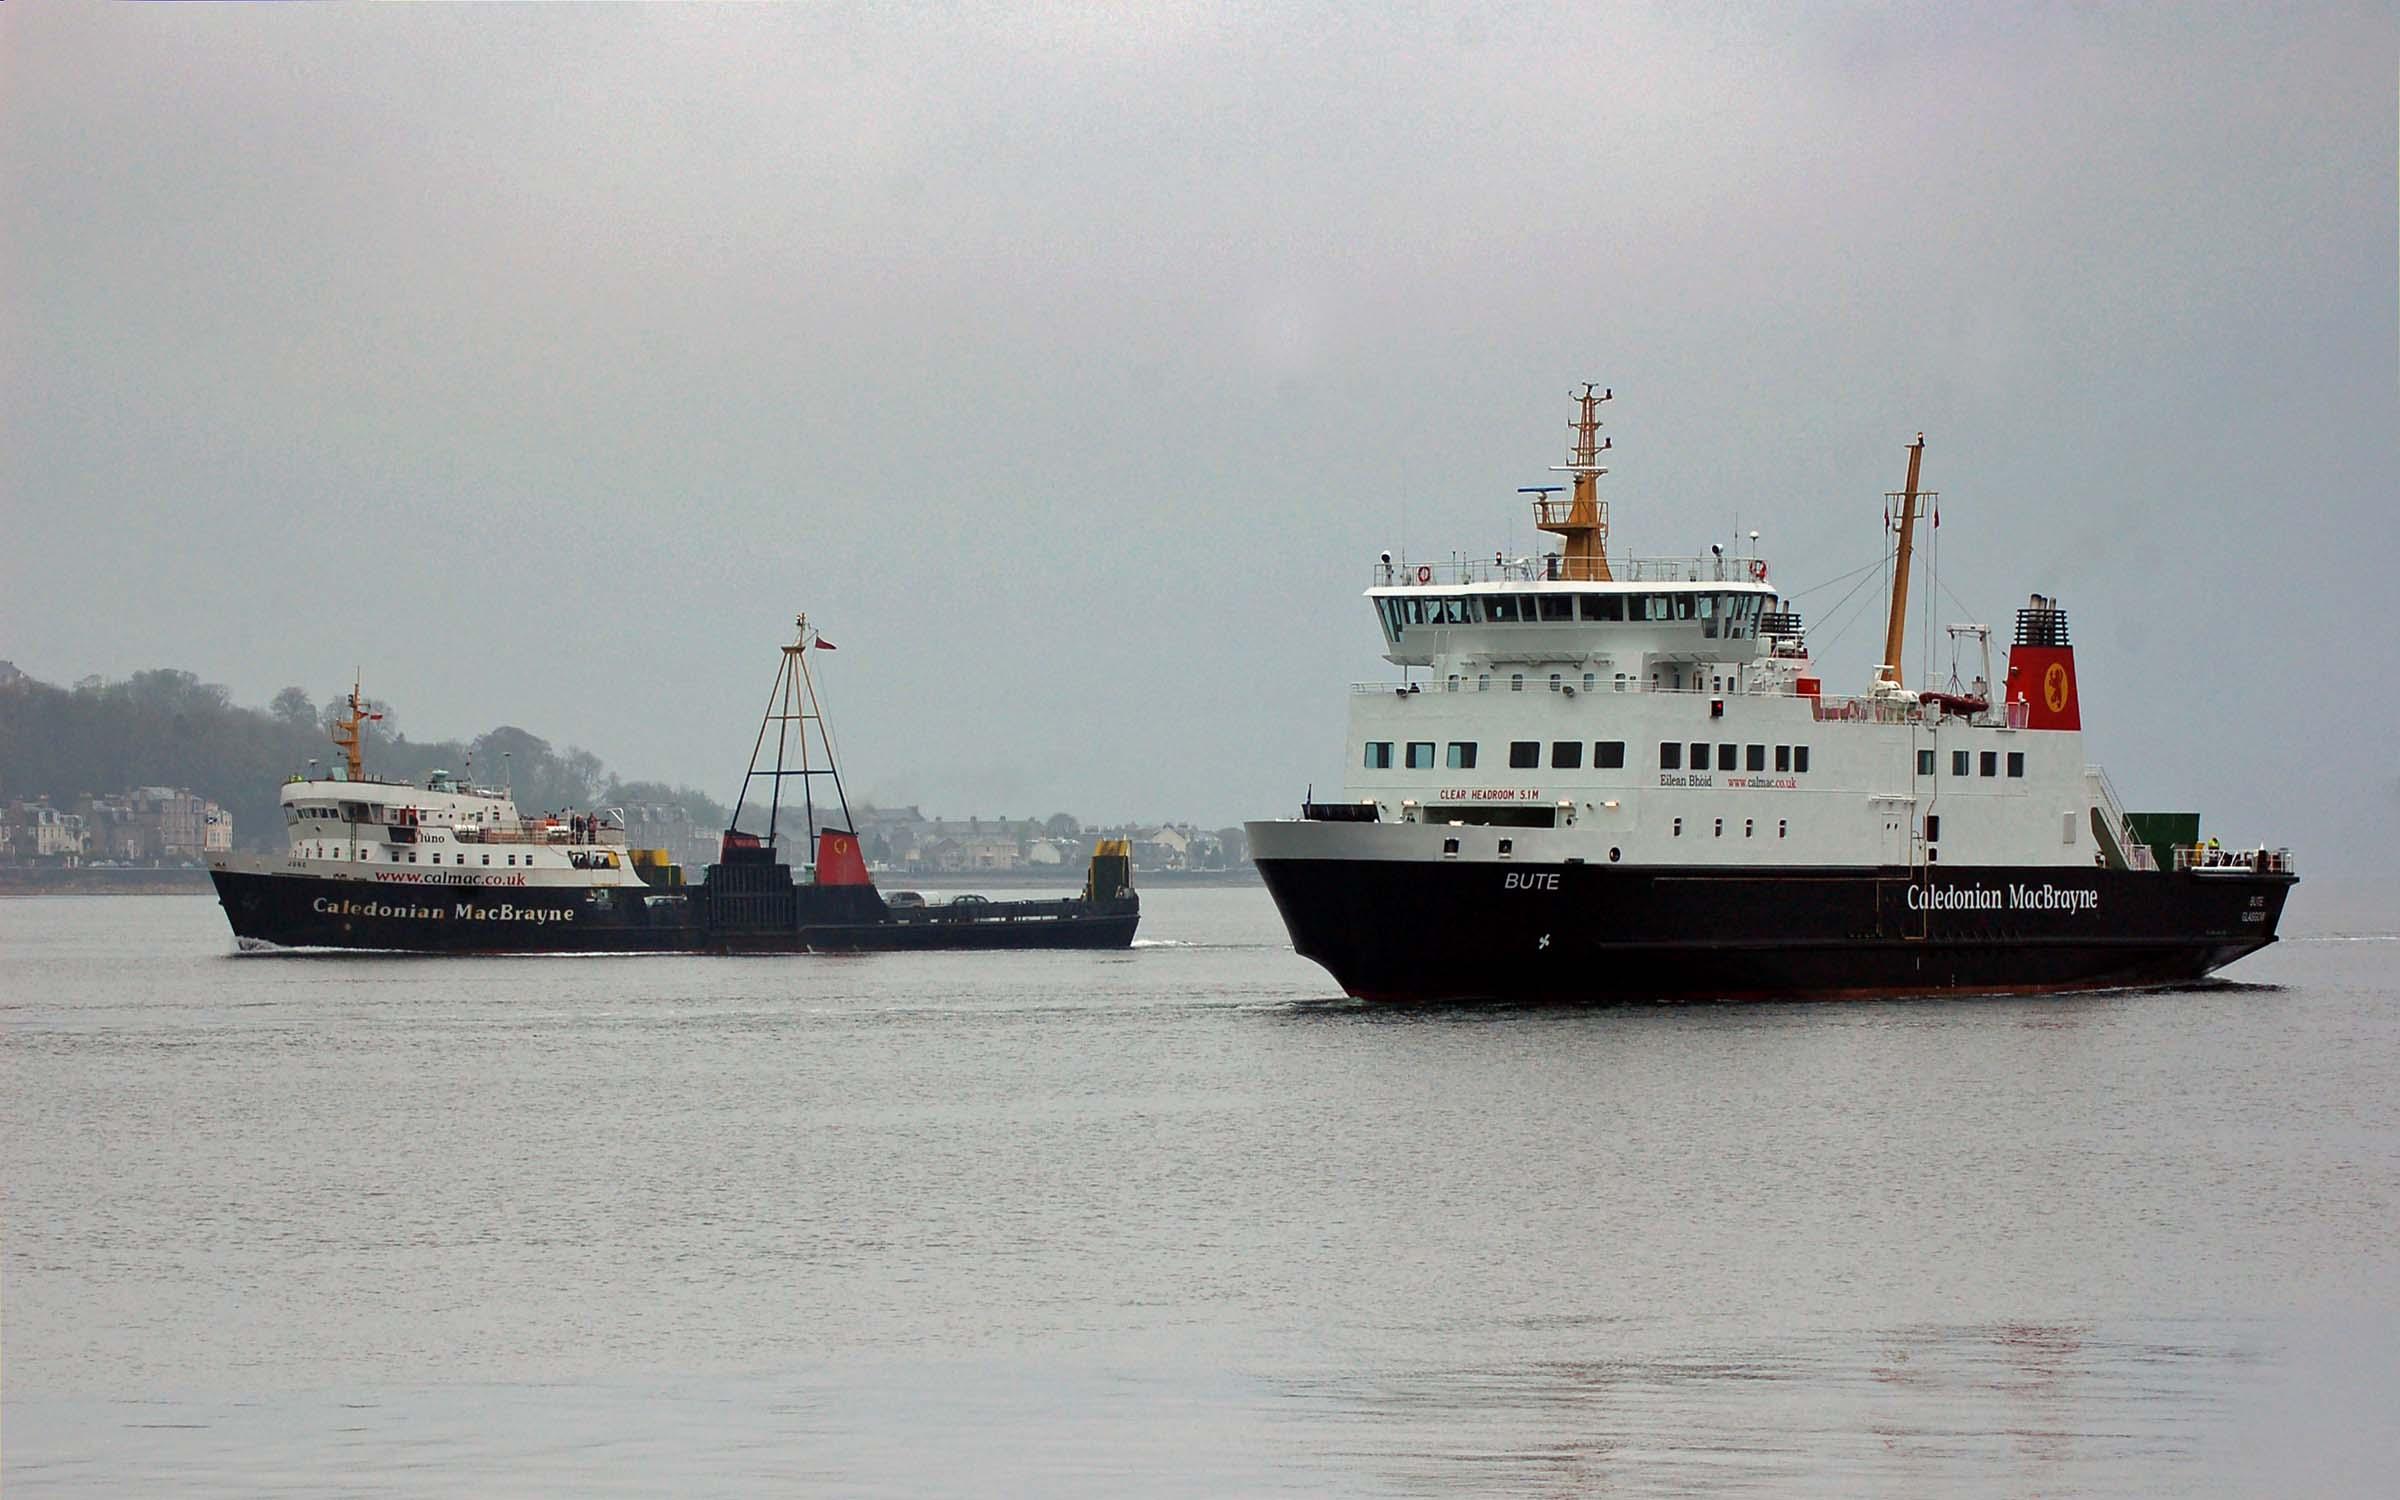 Juno and Bute at Rothesay (Ships of CalMac)